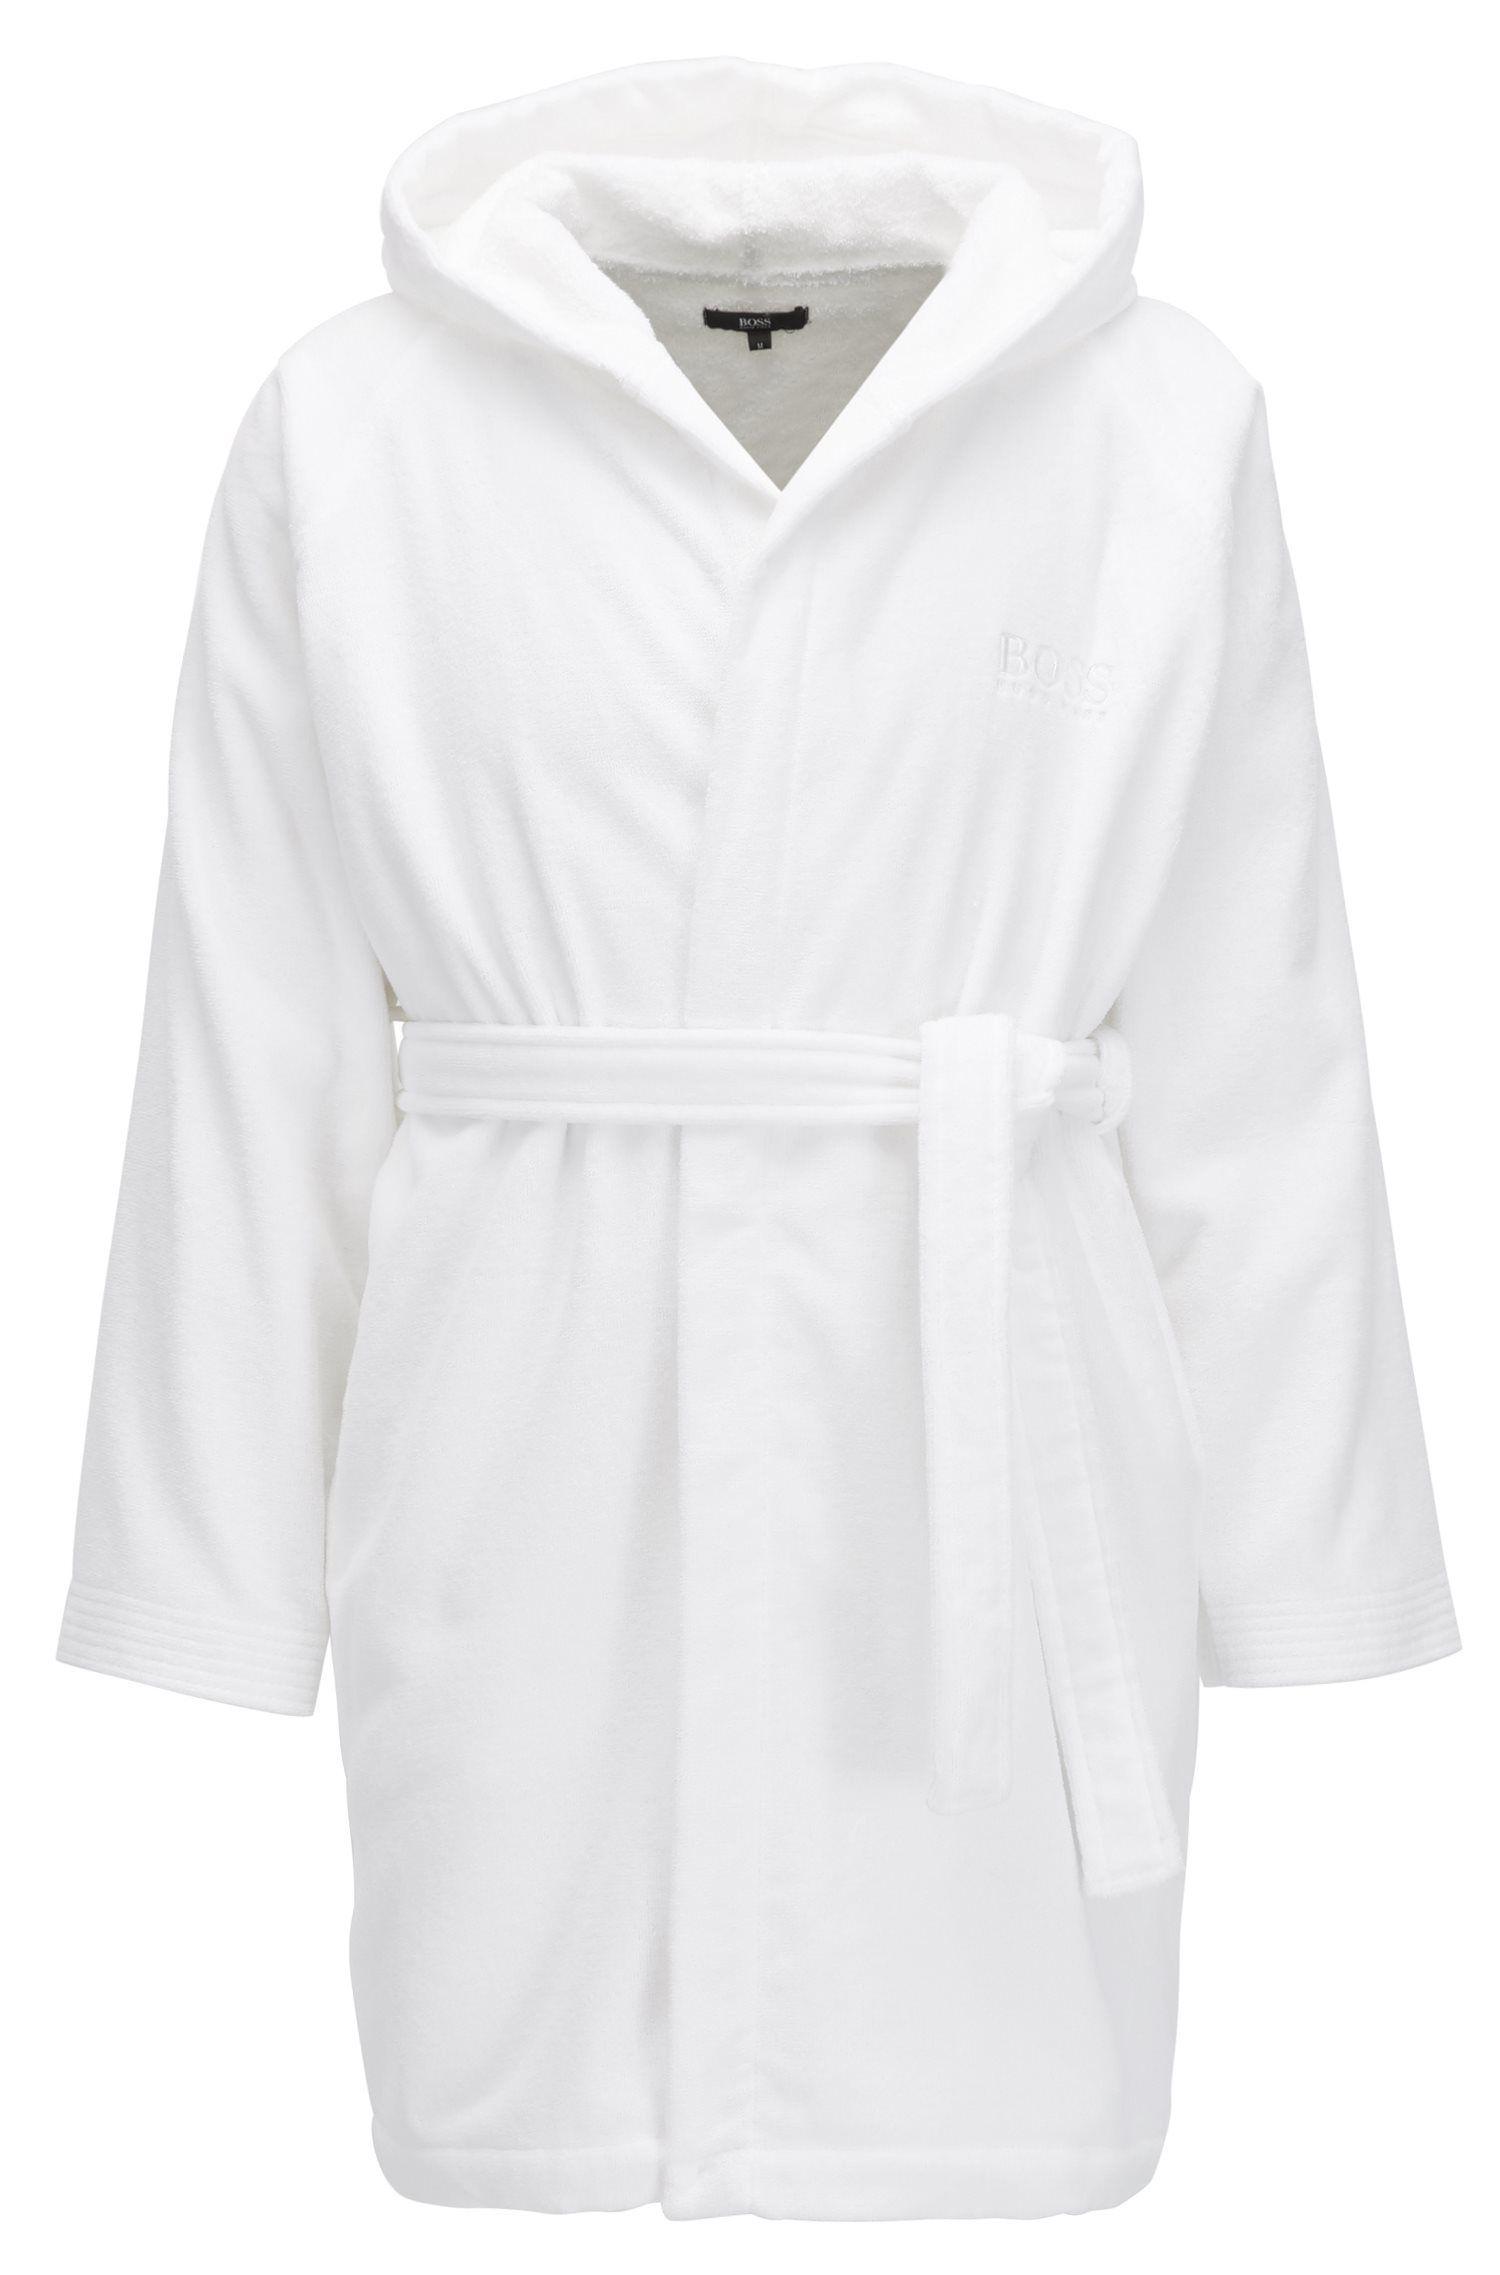 391b74f8b7 BOSS. Men s White Short Hooded Dressing Gown In Egyptian Cotton. £139 From HUGO  BOSS